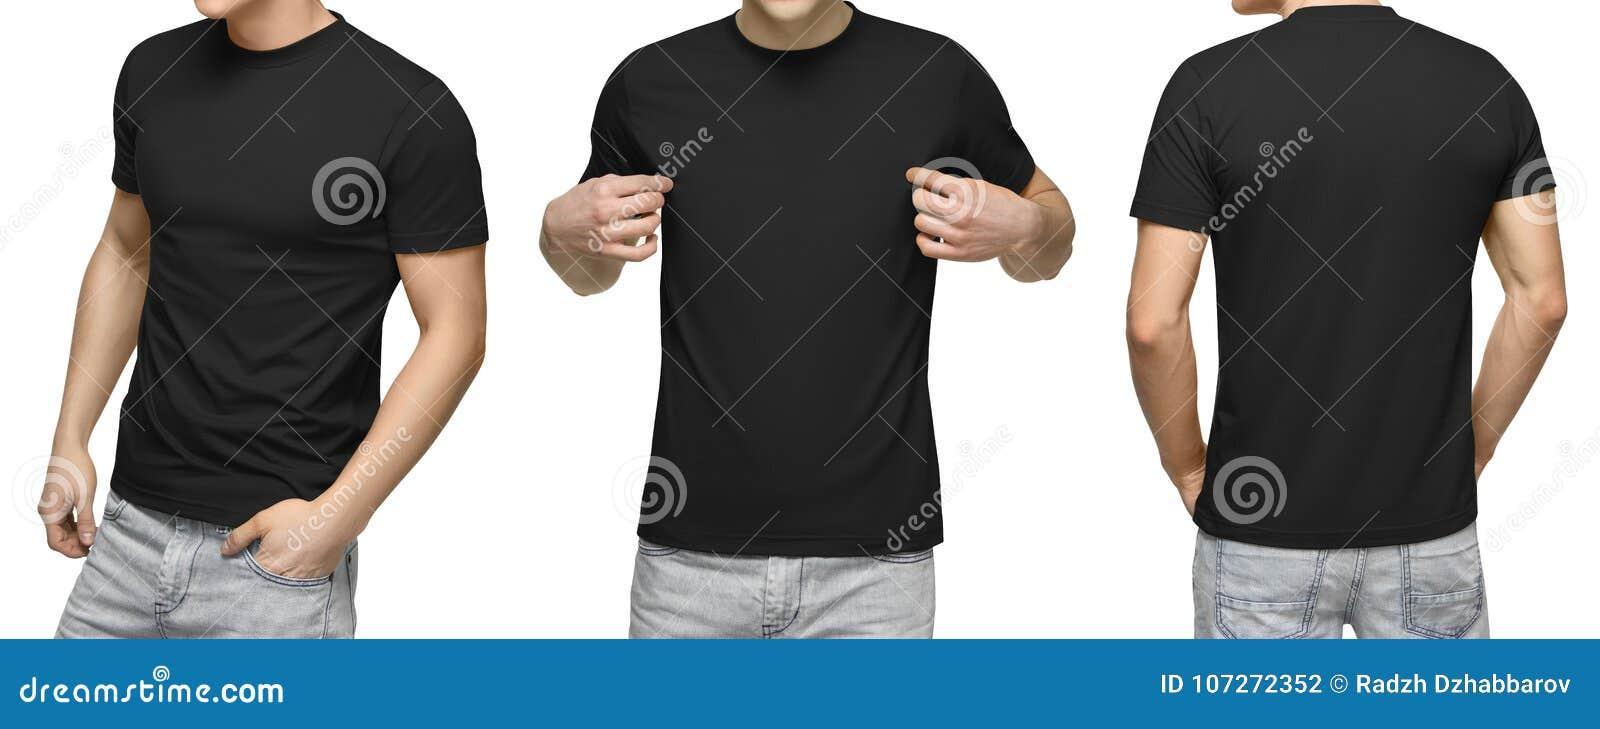 Jeune mâle dans le T-shirt noir vide, l avant et la vue arrière, fond blanc Concevez le calibre et la maquette de T-shirt d homme